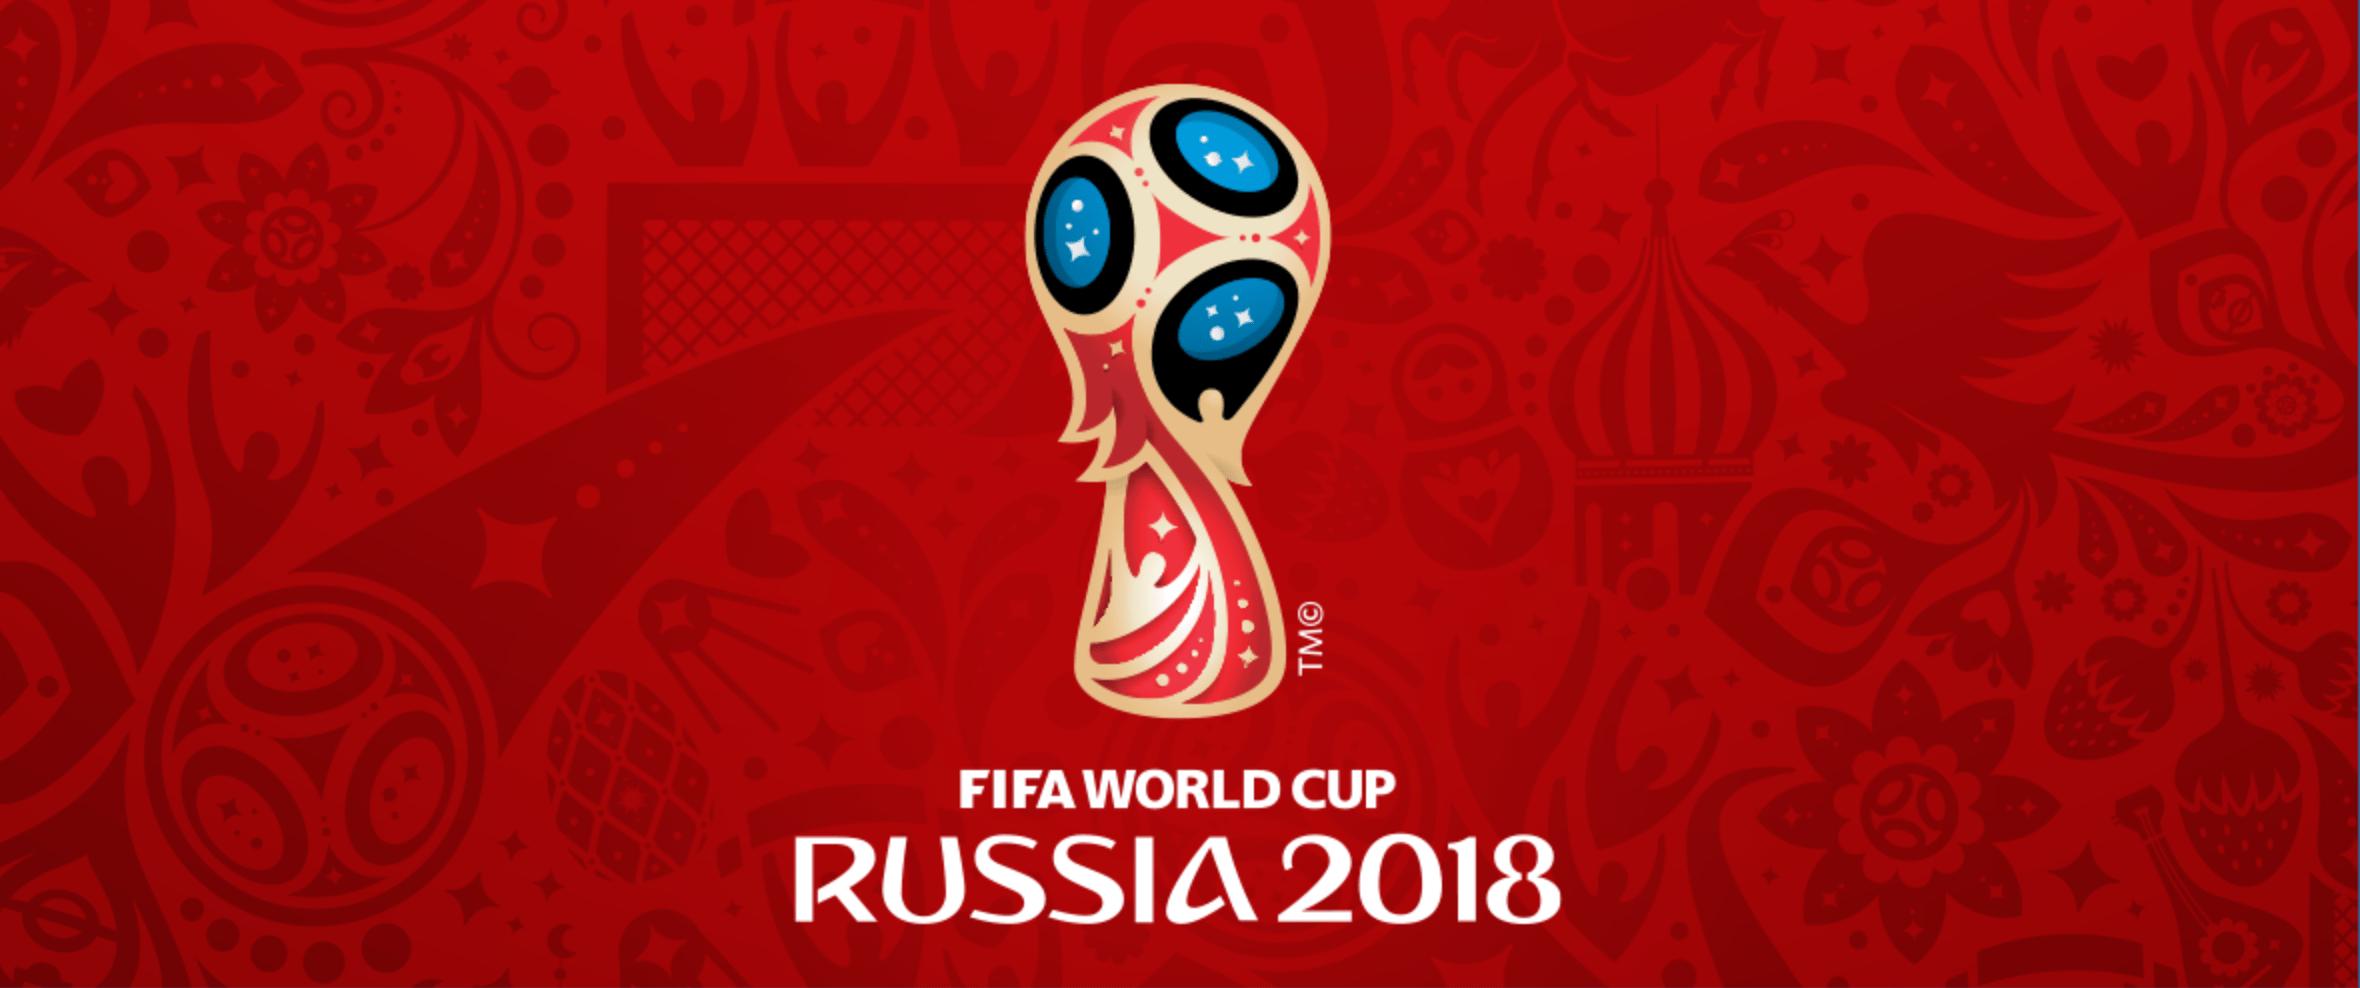 Las mejores aplicaciones para seguir el Mundial 2018 de Rusia